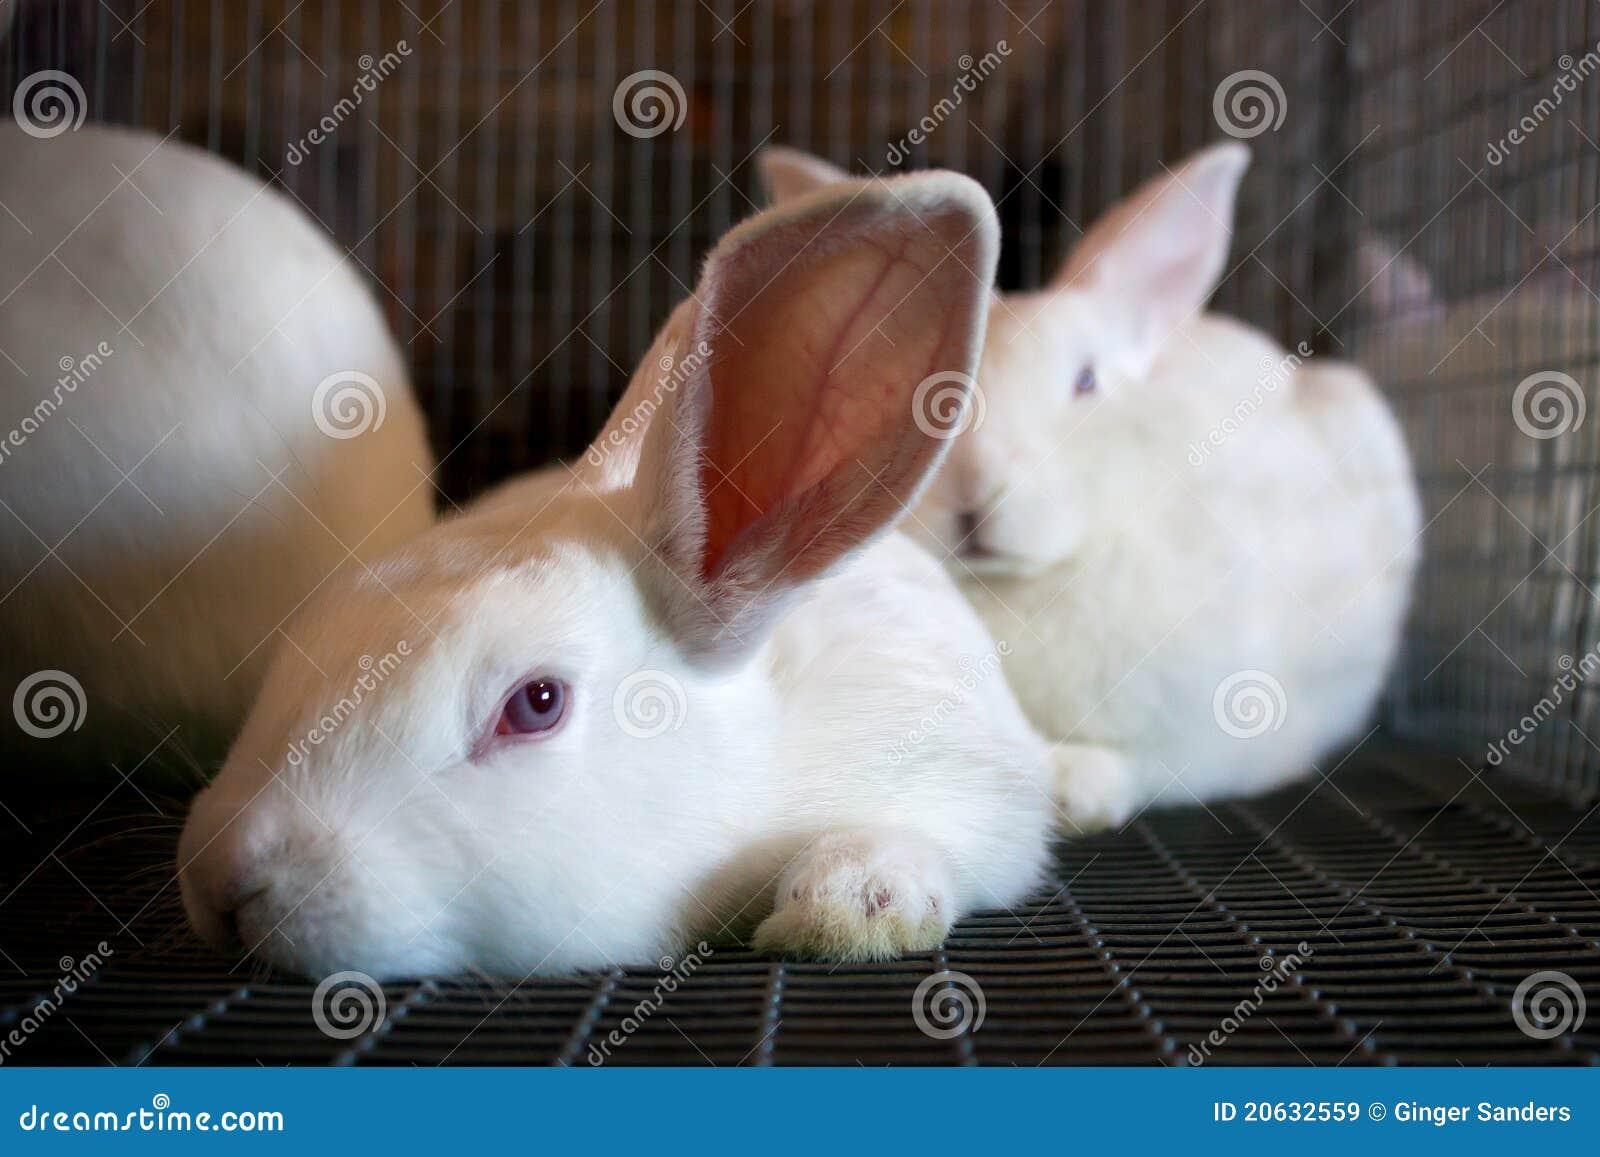 Tolle Drahtkäfige Für Kaninchen Herstellen Galerie - Elektrische ...